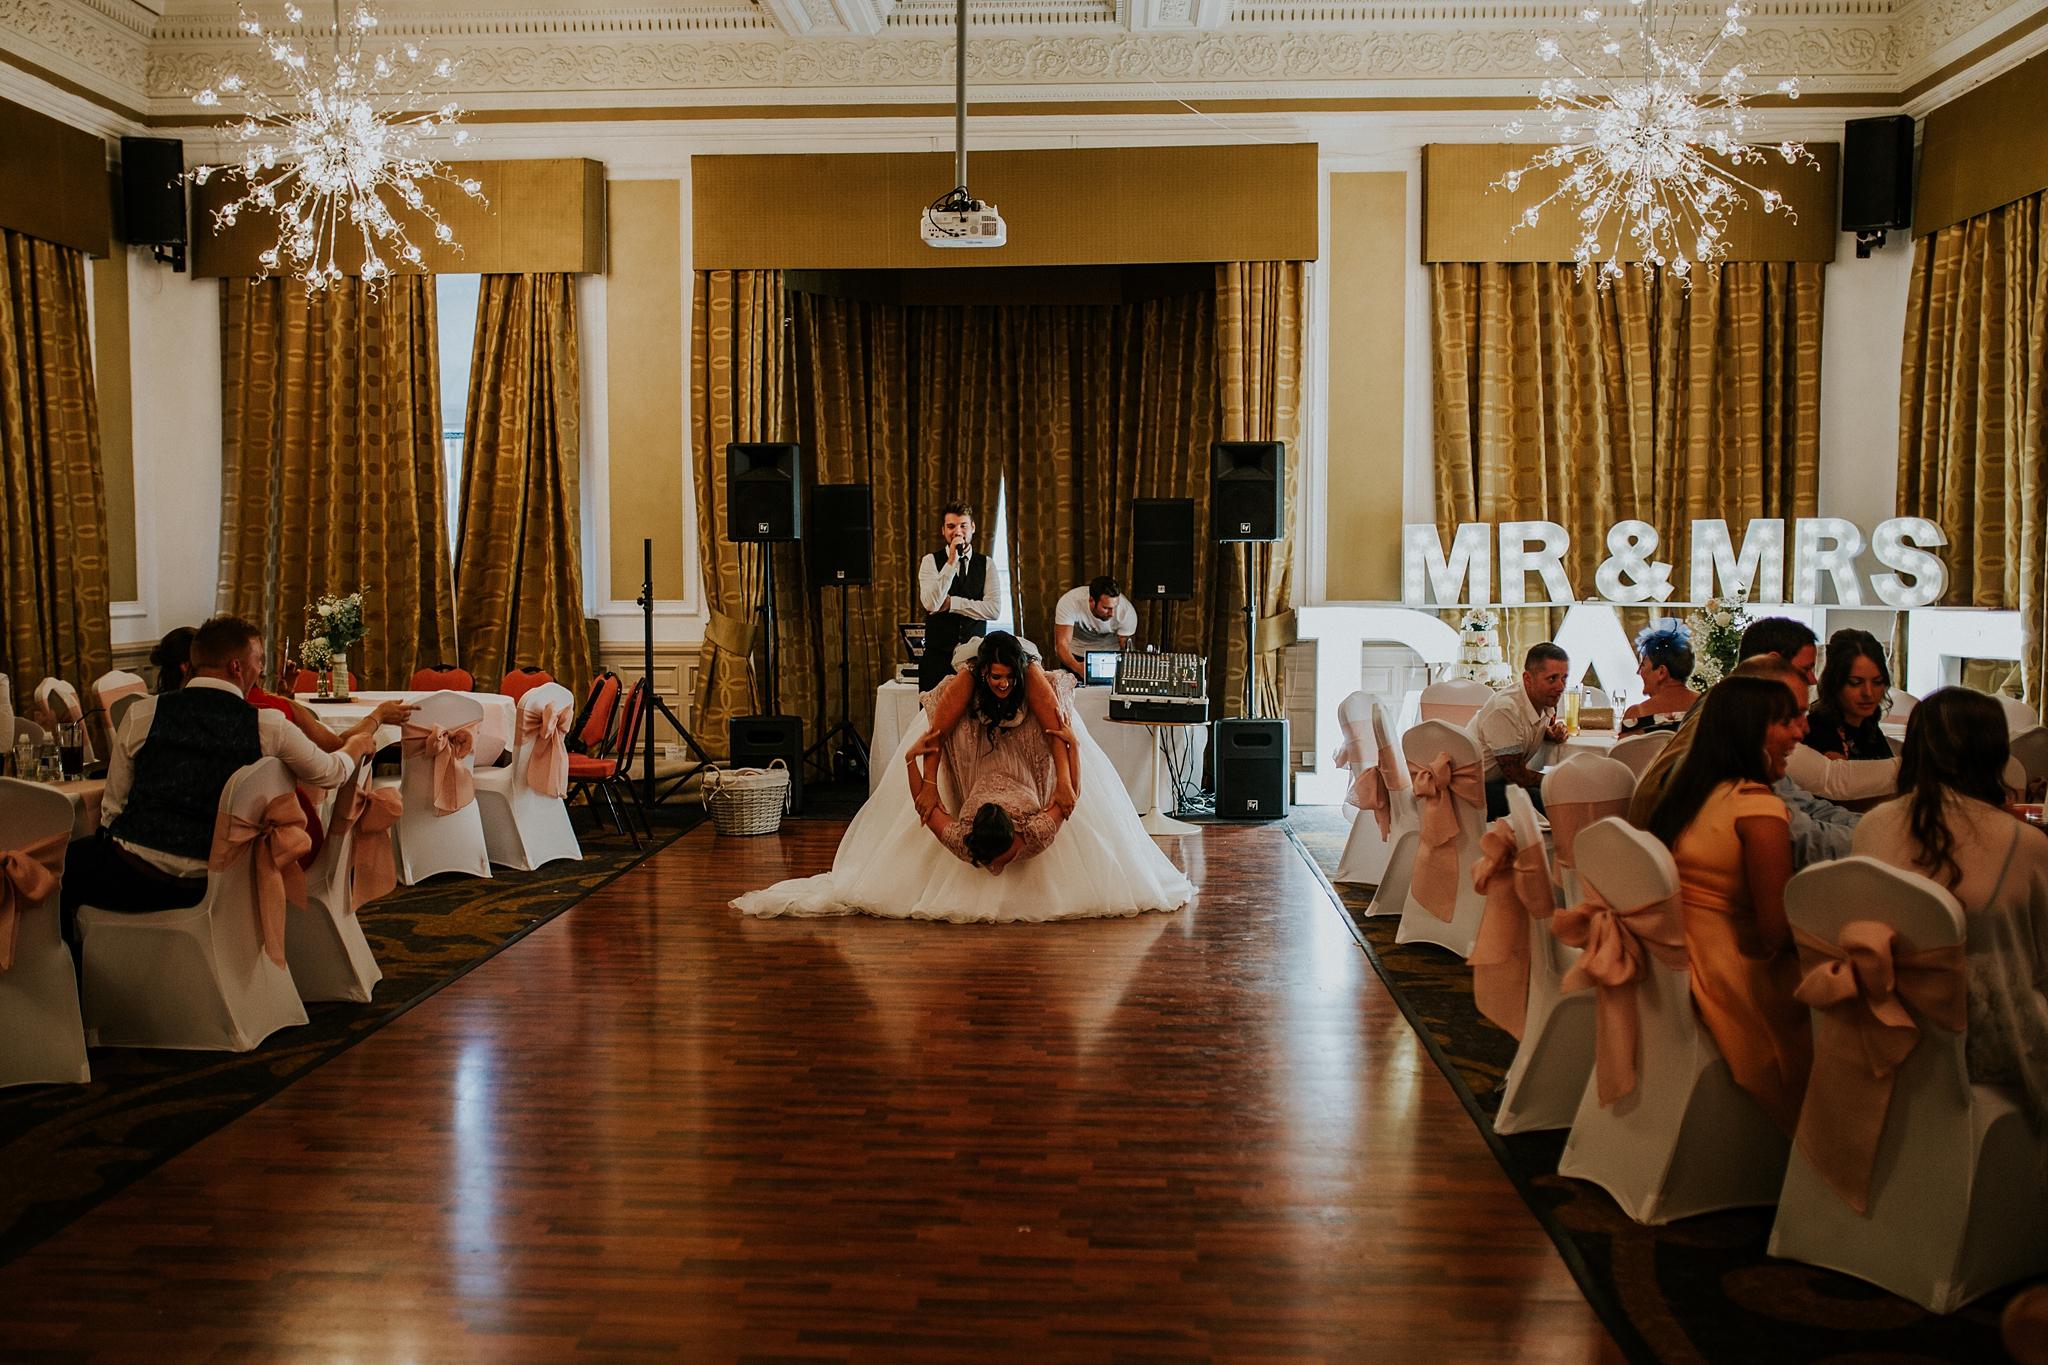 newcastle_upon_tyne_wedding_photographer-67.JPG